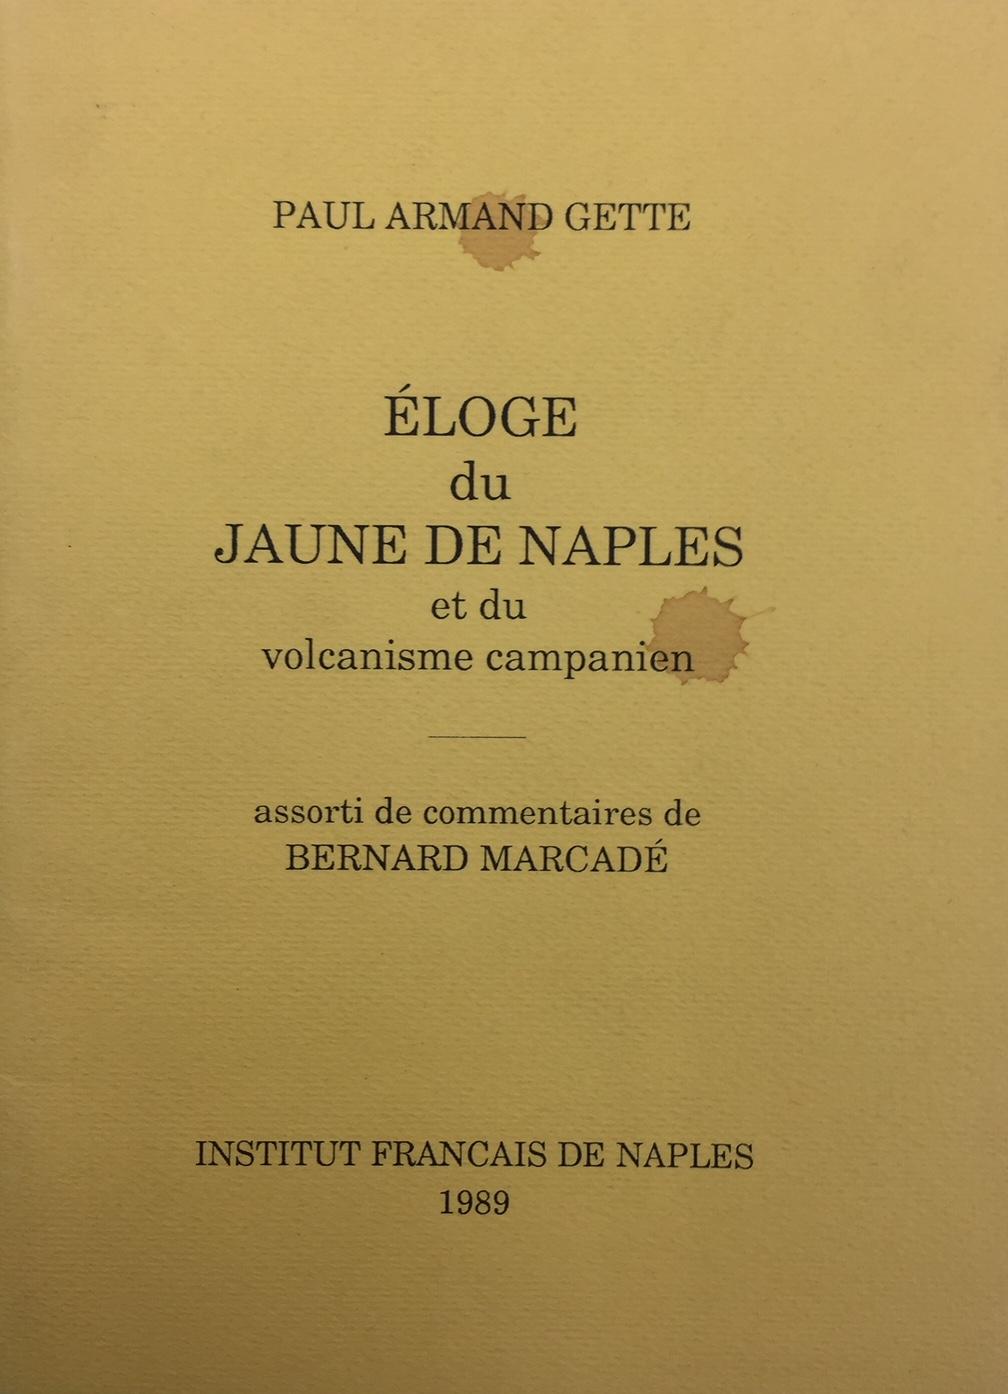 Eloge du jaune de Naples